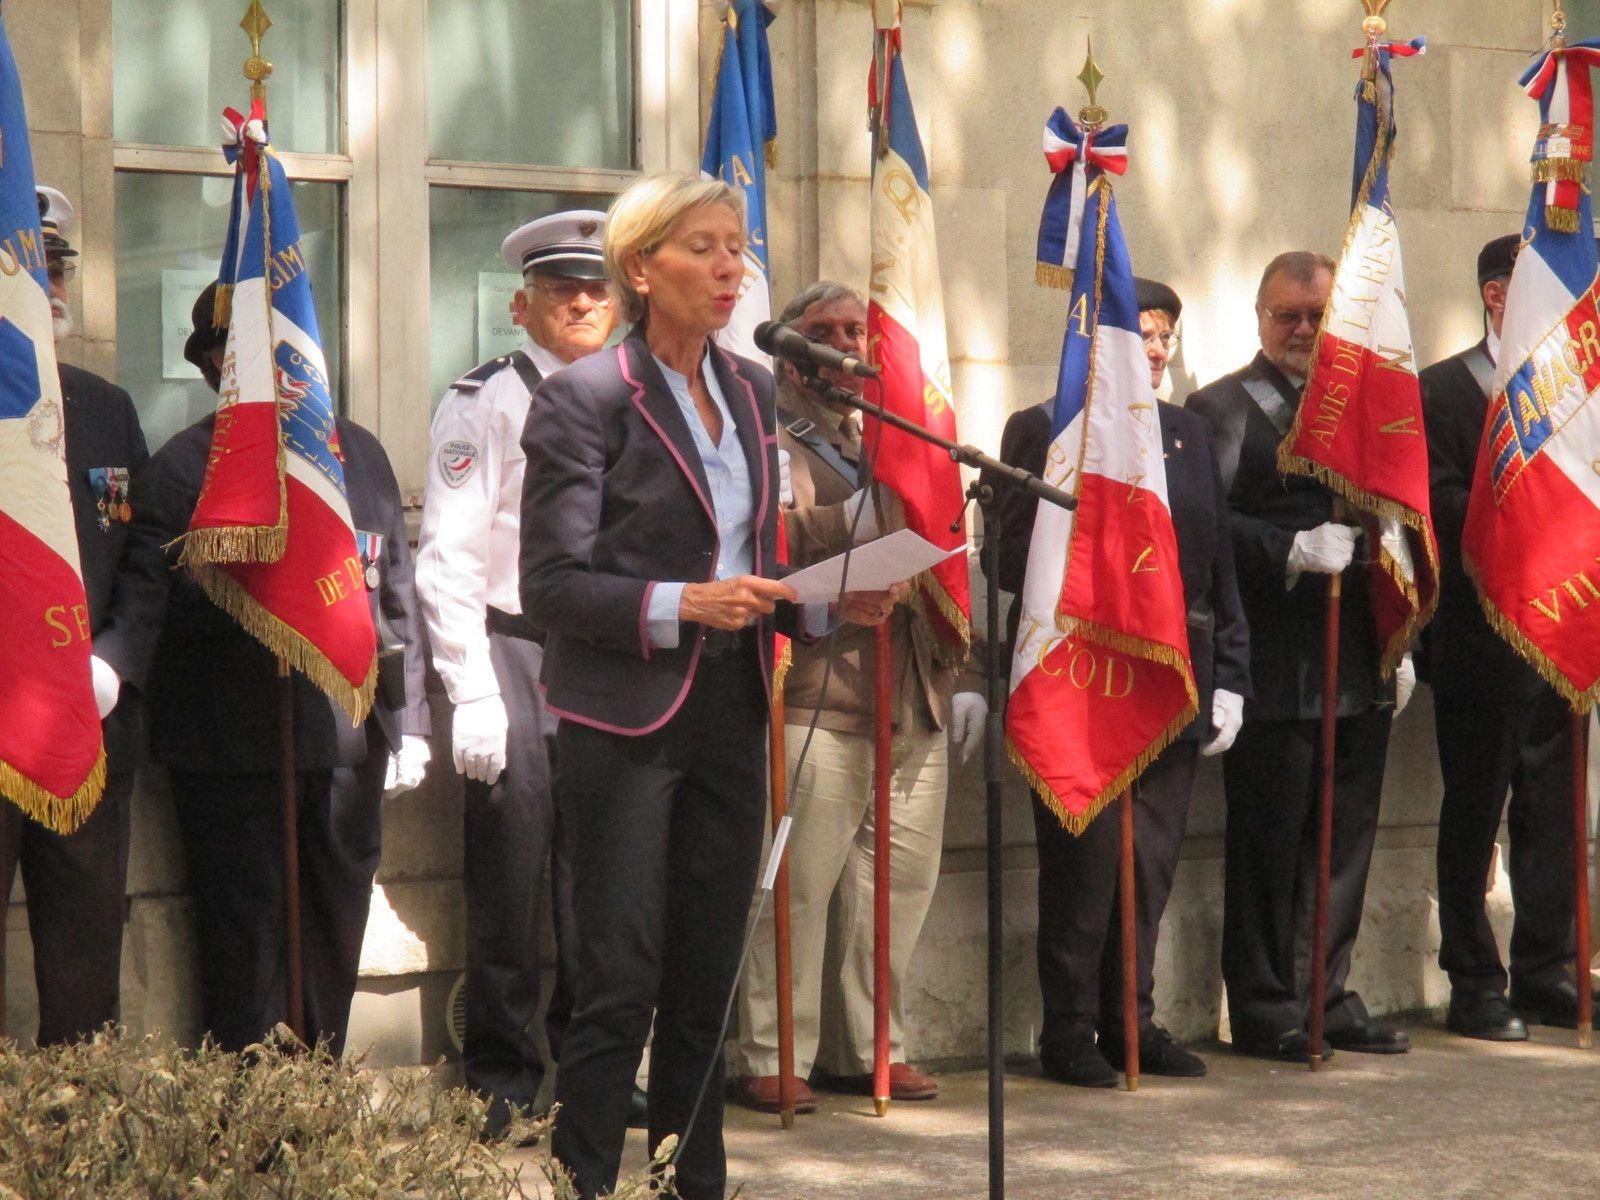 Un Anniversaire célébré dans un haut lieu de la Résistance et de la Déportation dans la Cour d'Honneur du Centre Berthelot à Lyon 7ème